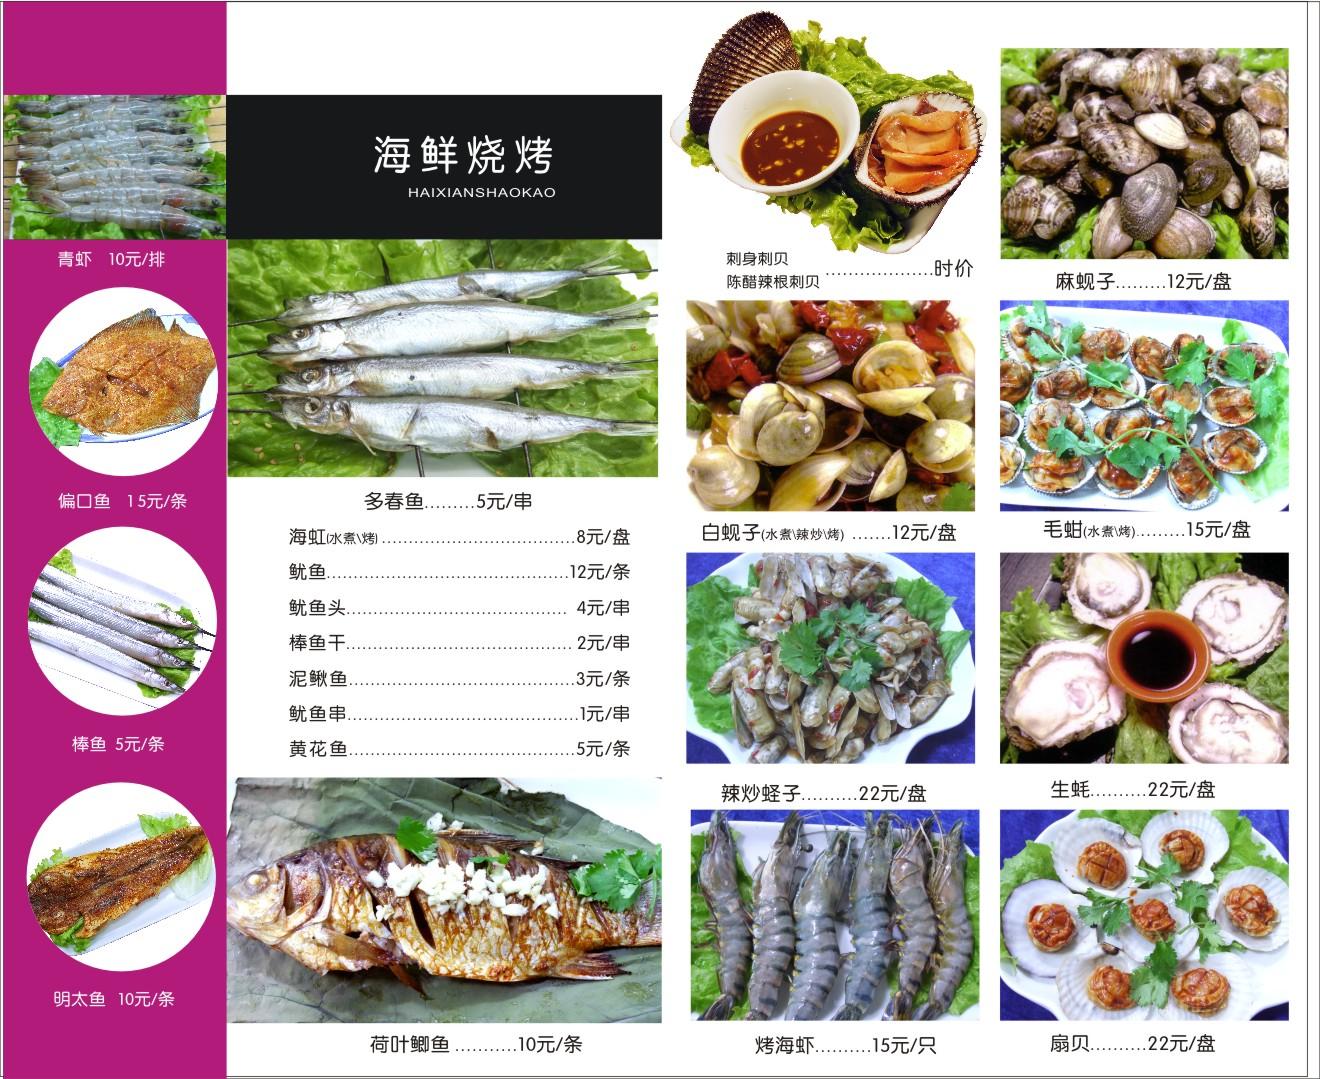 61号菜谱设计:菜谱册串吧 (烧烤)